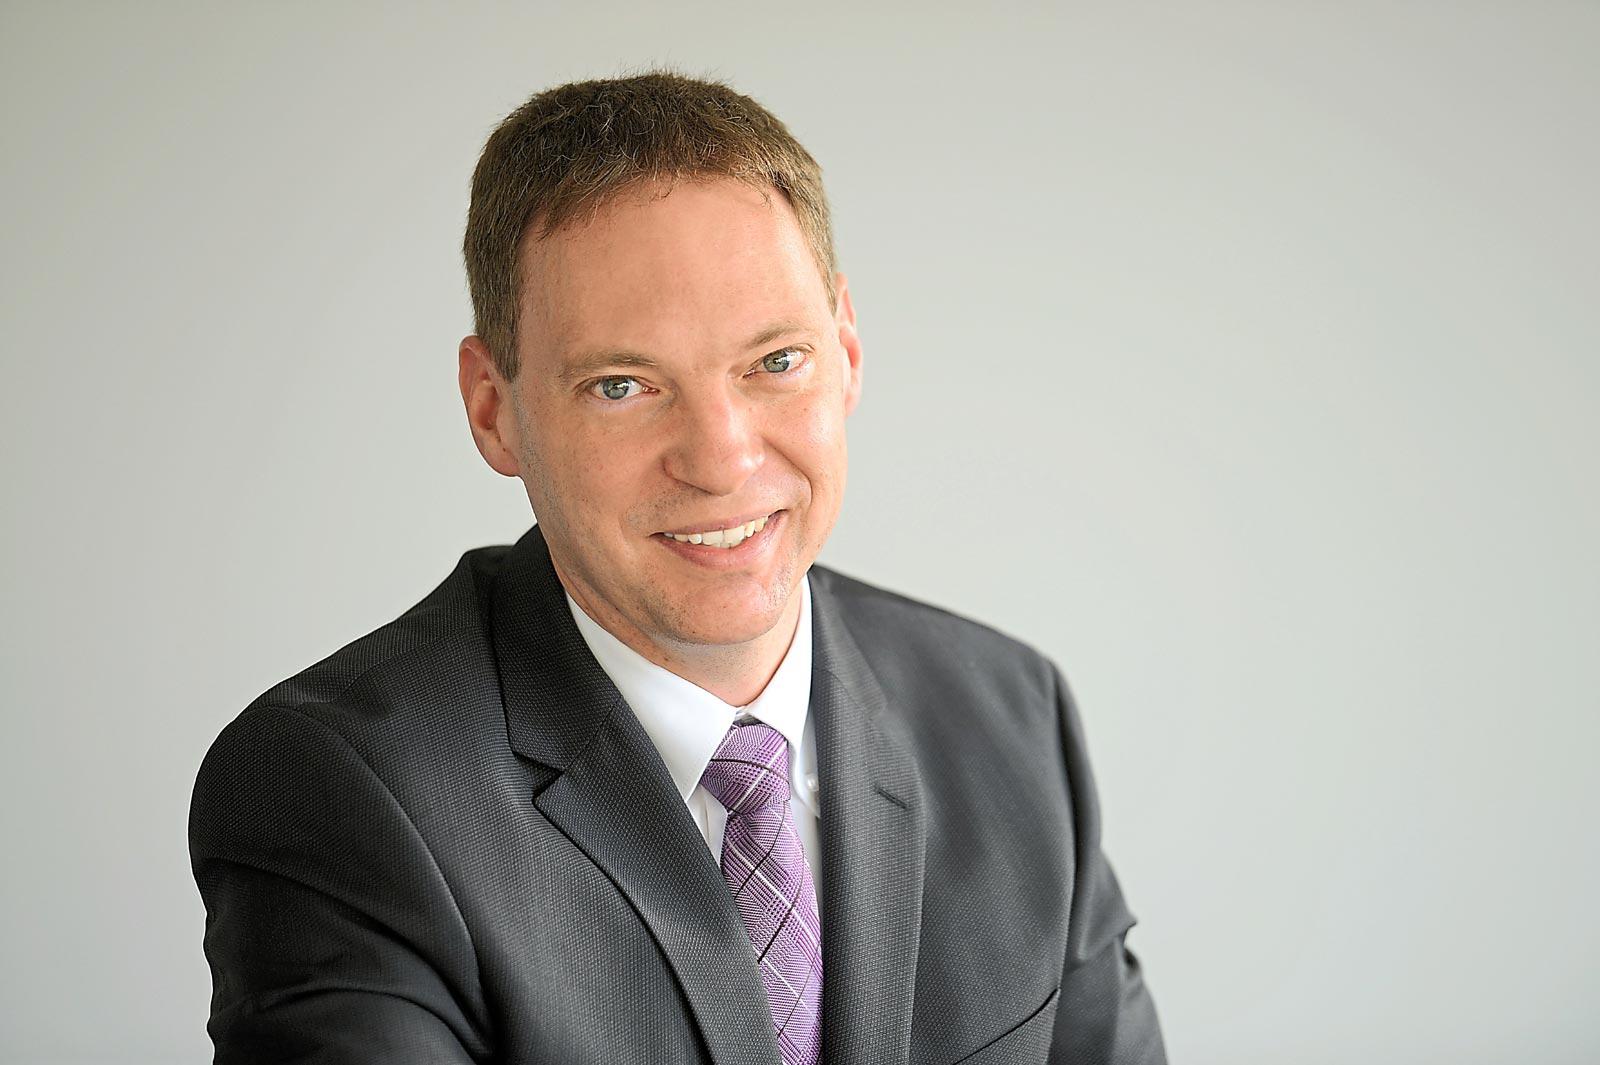 Dirk Brunsmann